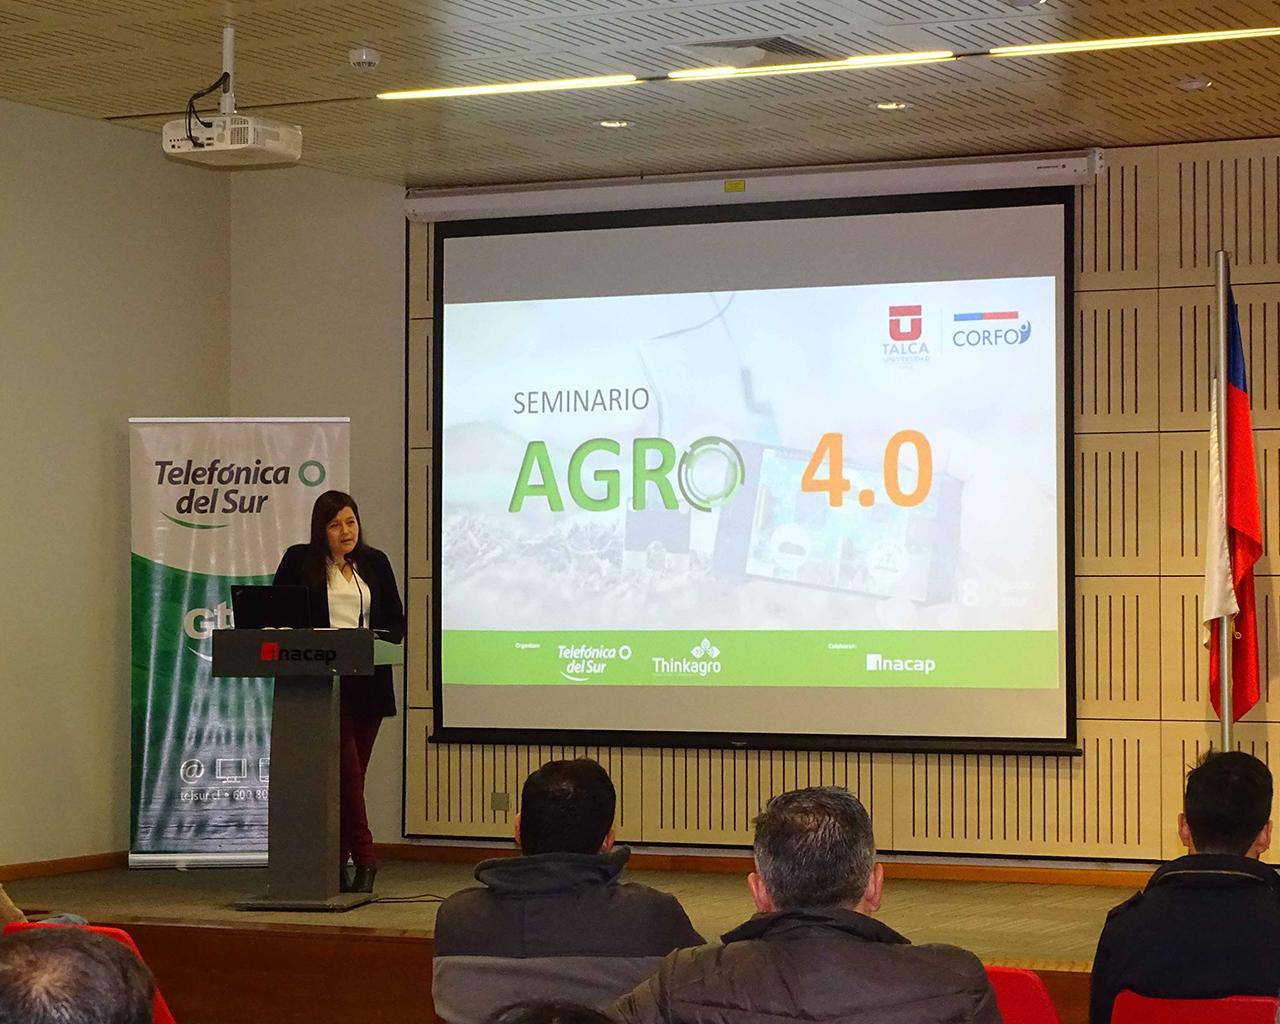 Seminario Agro 4.0 apuntó a promover la incorporación de tecnologías en el Maule